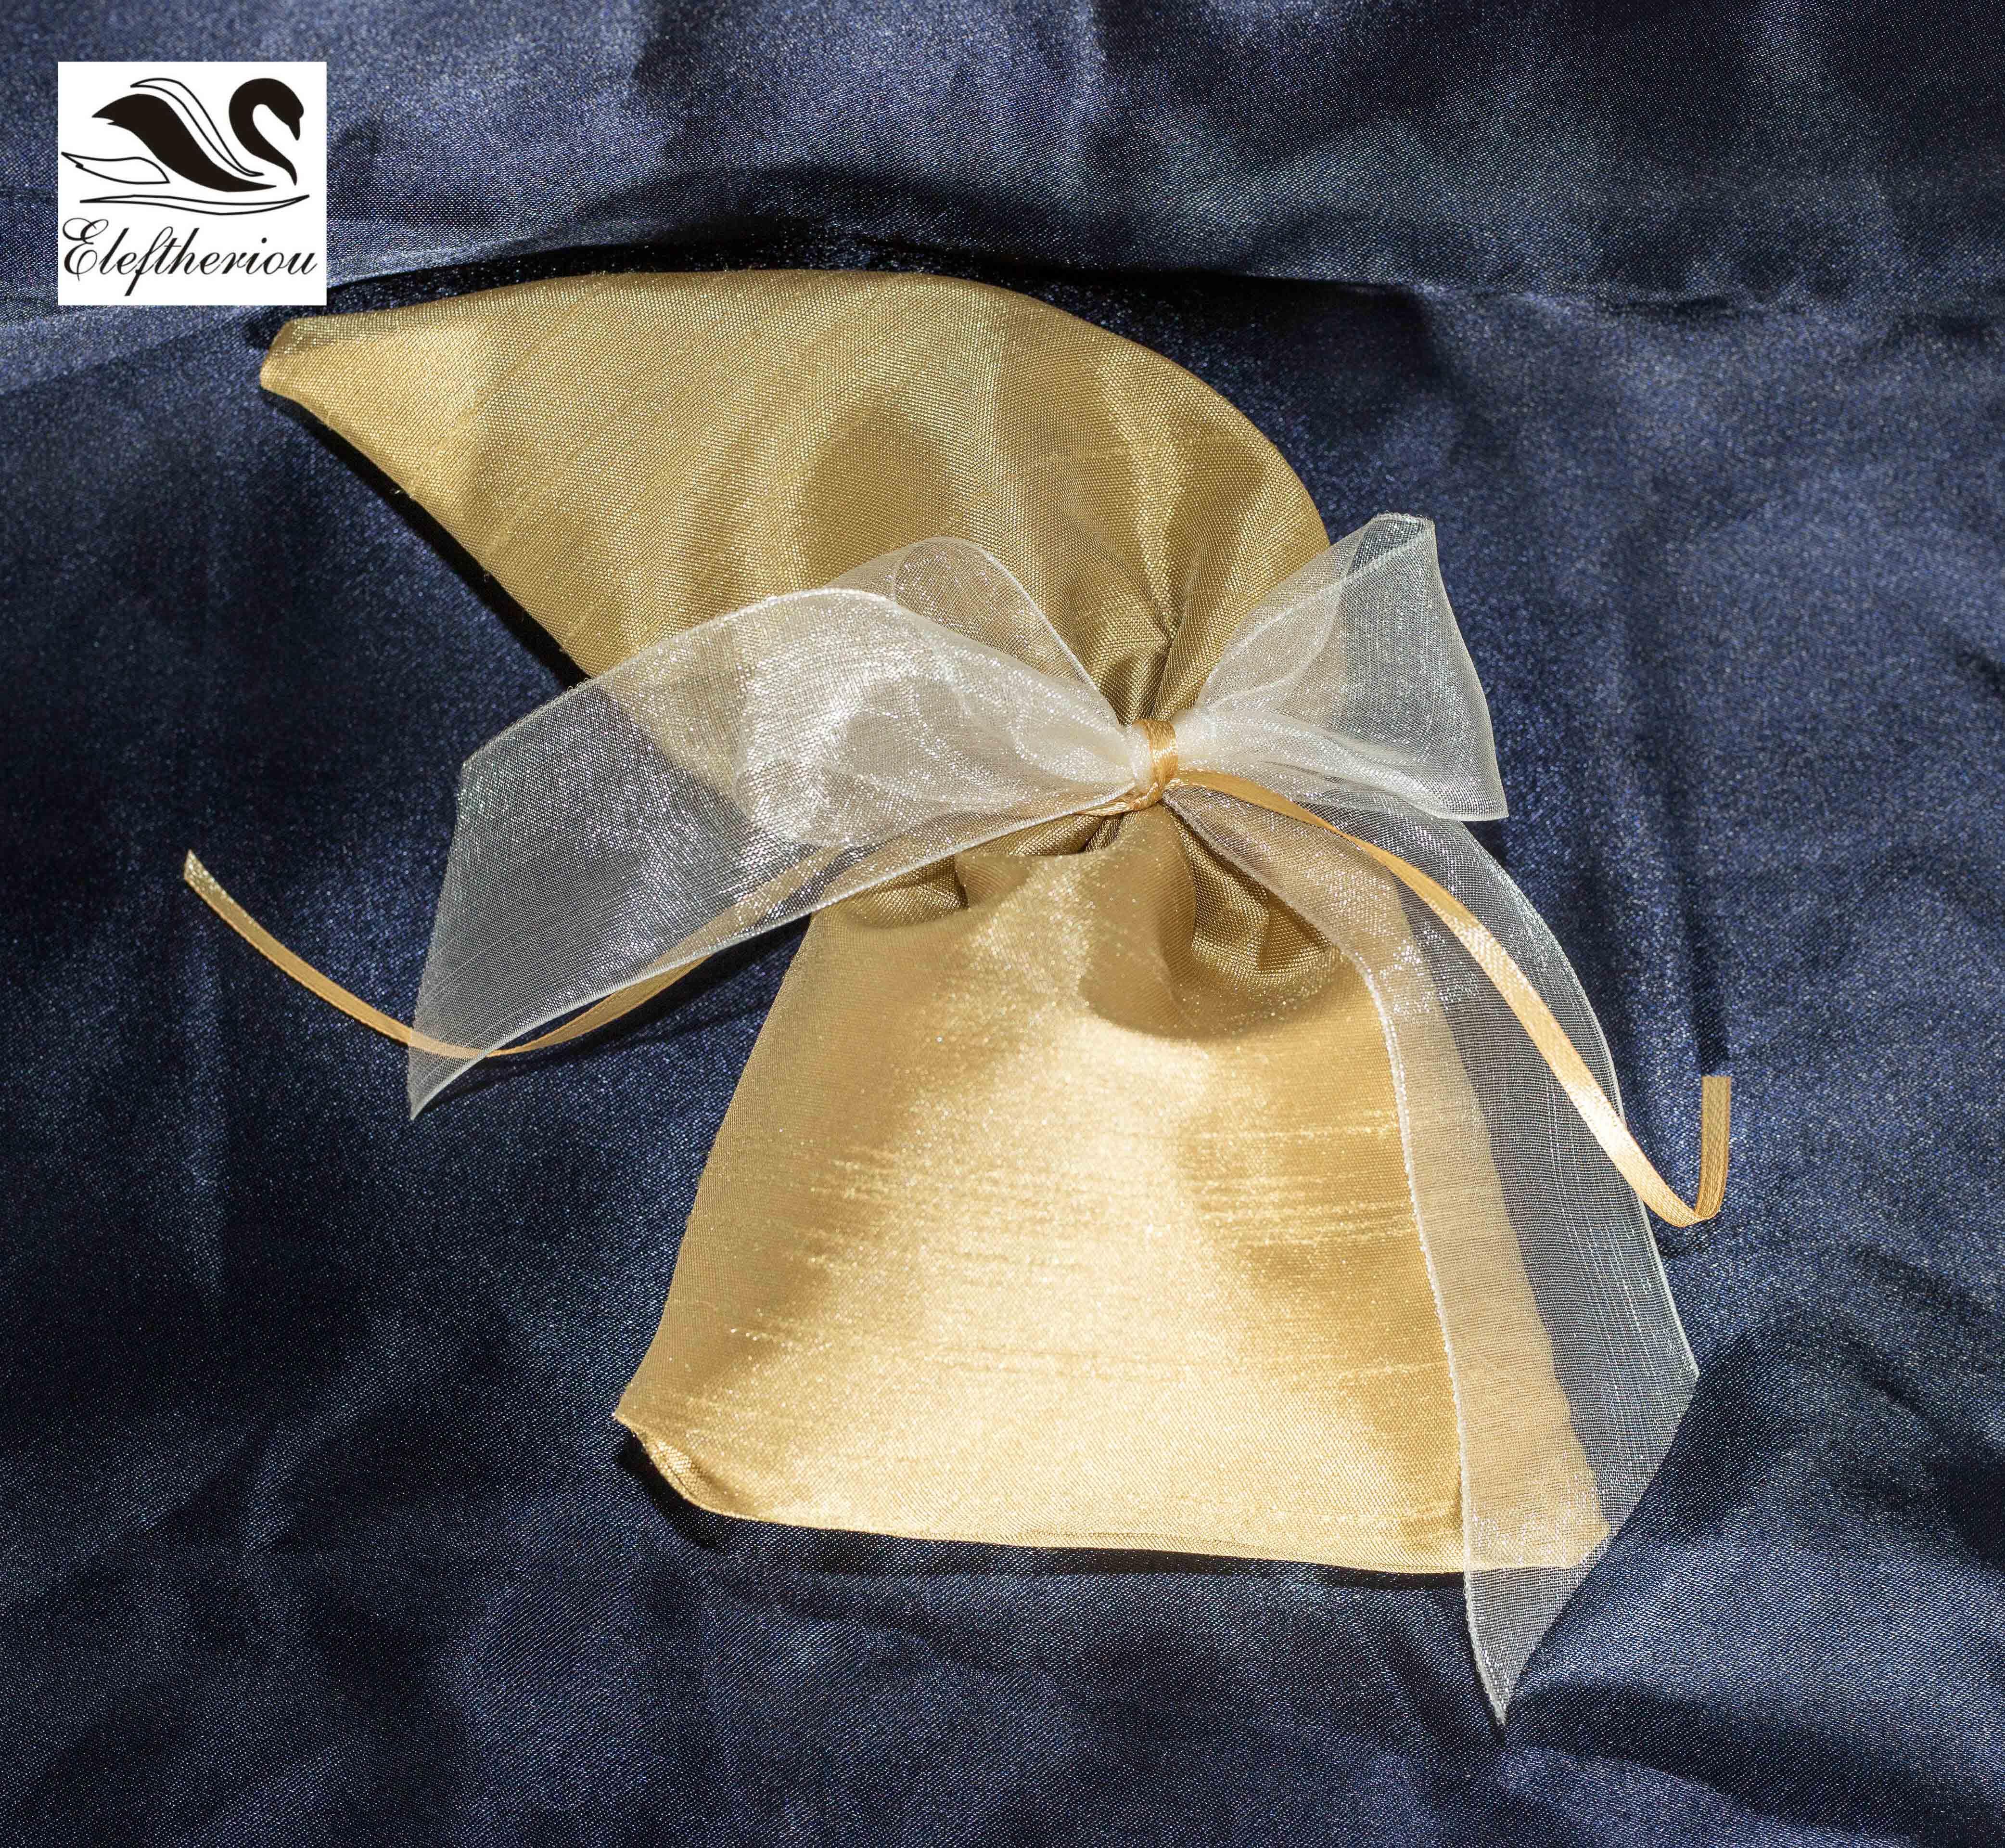 μπομπονιέρα πουγκί από σατέν δεμένη με χρυσό κόμπο και οργάντζα